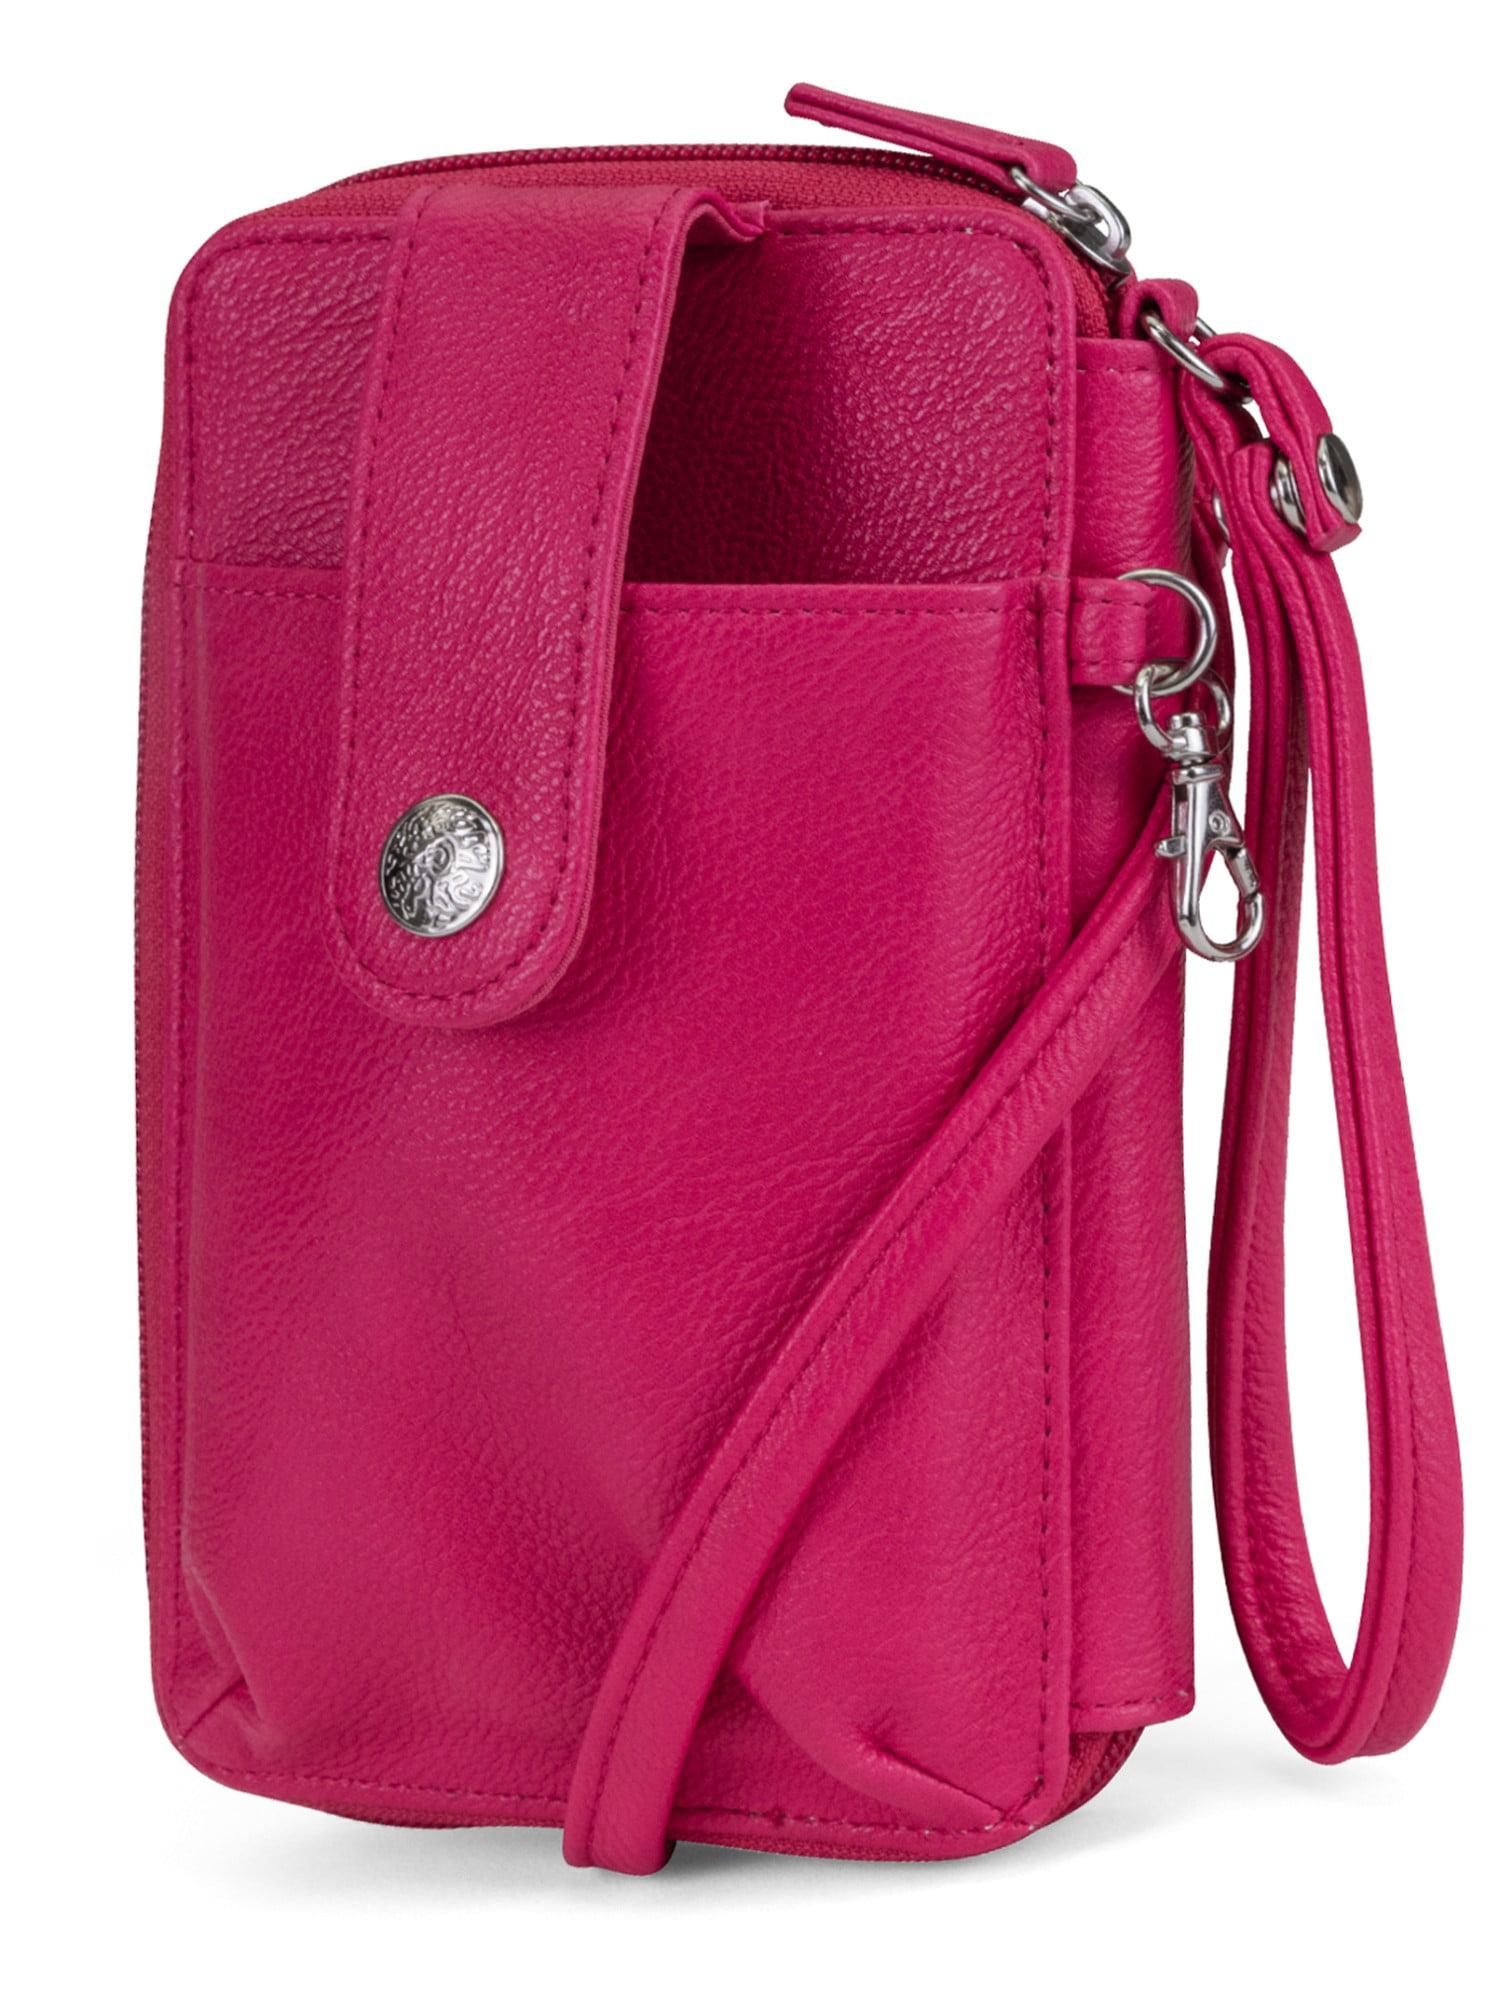 Crossbody Mobile Phone Shoulder Bag Handbag Case Belt Purse Wallet Black Ship US